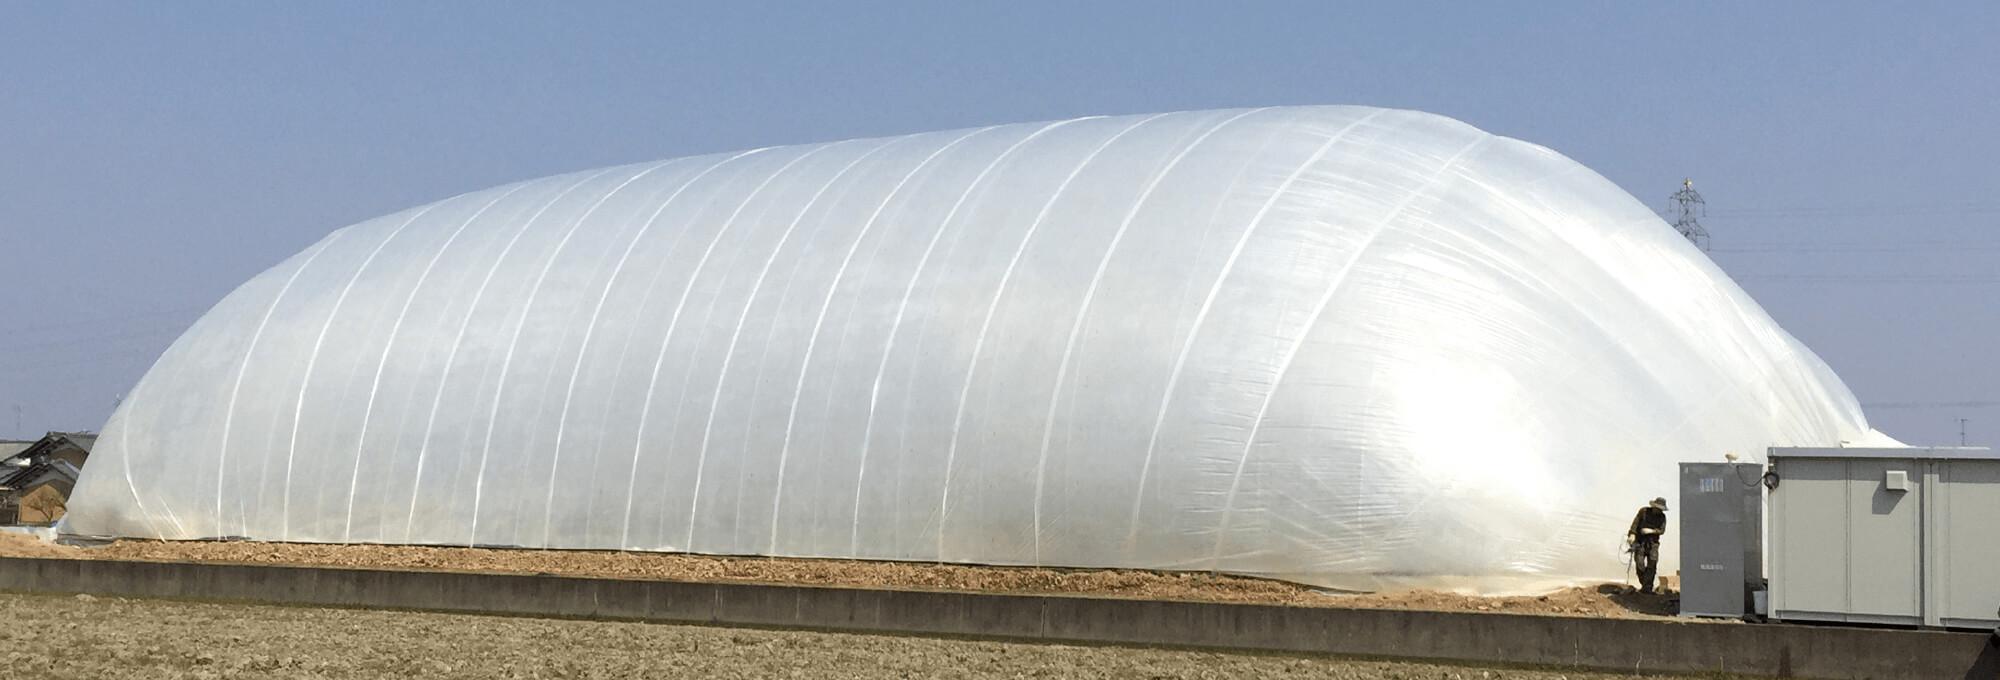 หน้าตา AIR DOME โรงเรือนปลูกผักไร้เสา (ภาพจาก LS Farm)